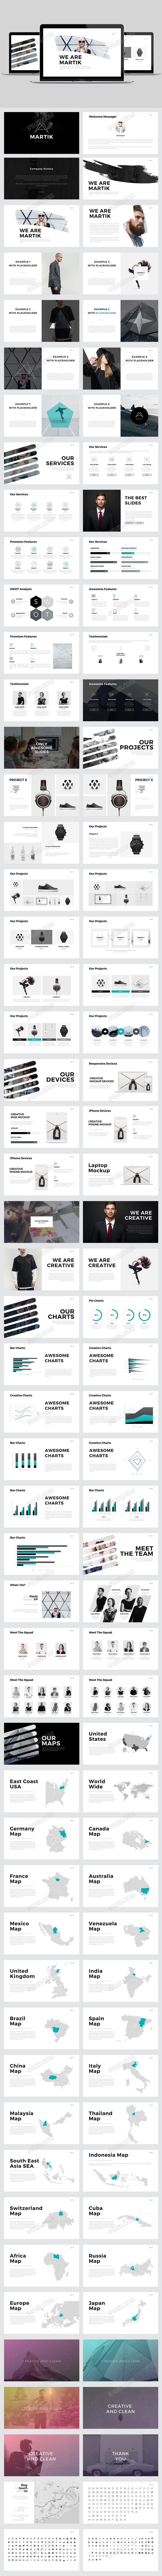 简约欧美风公司介绍广告营销策划ppt模板